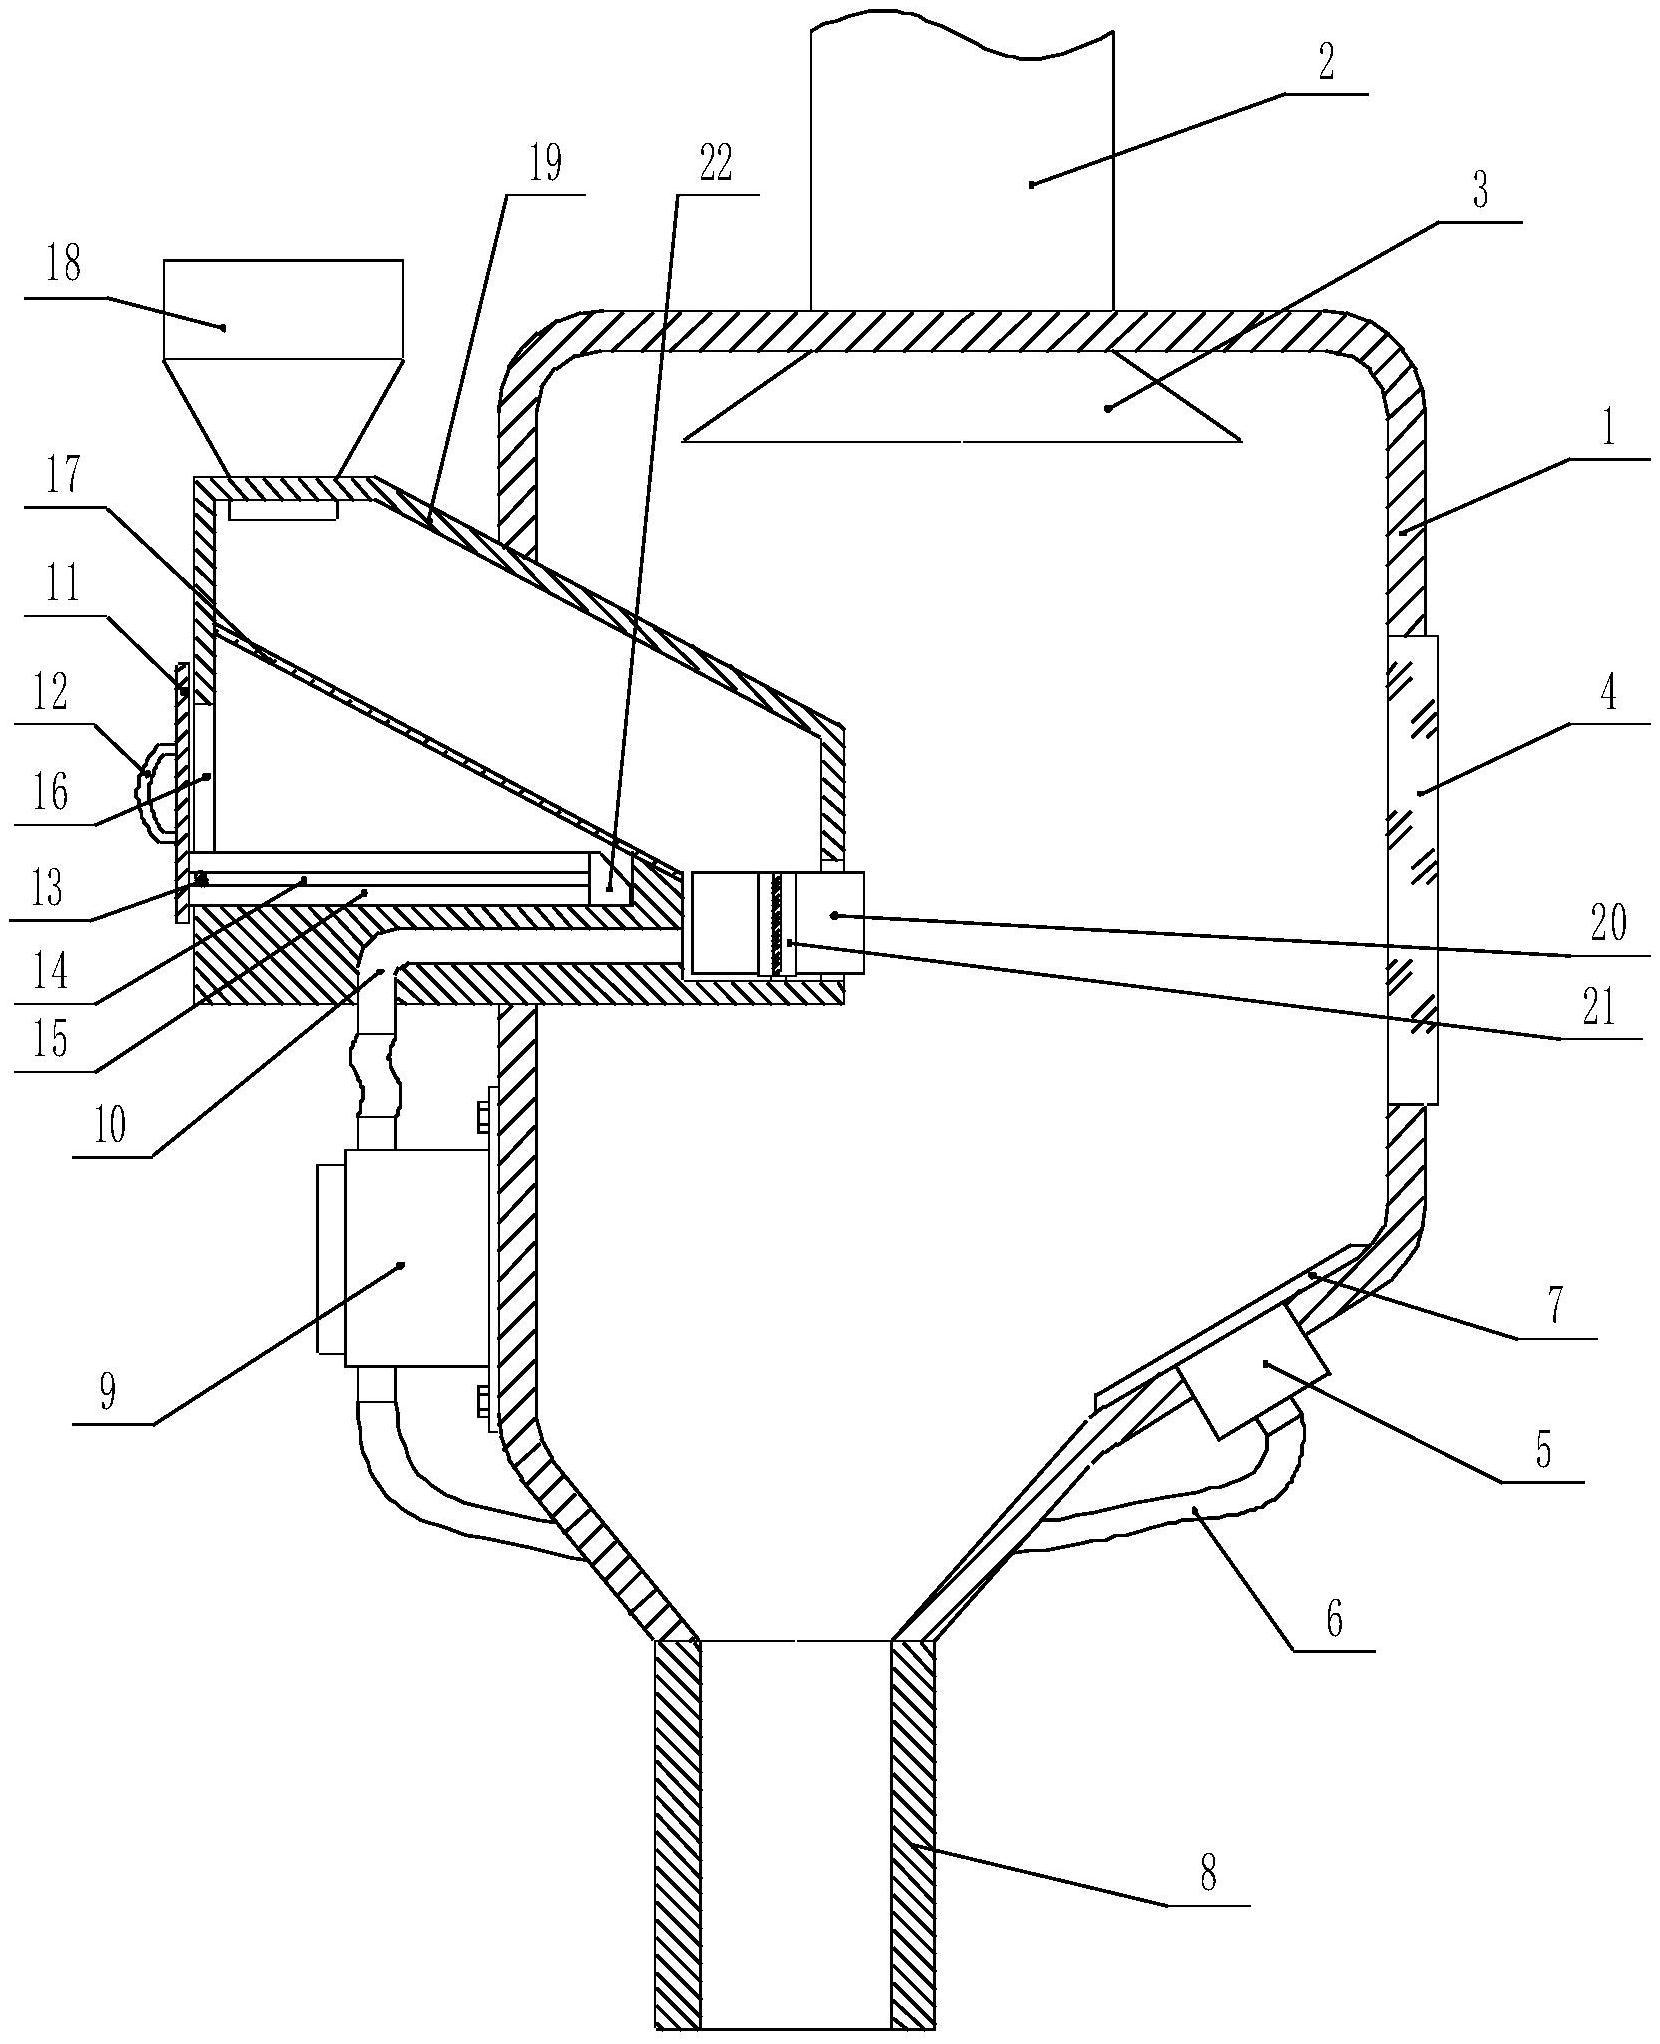 一种用于胶囊生产的胶囊分拣设备